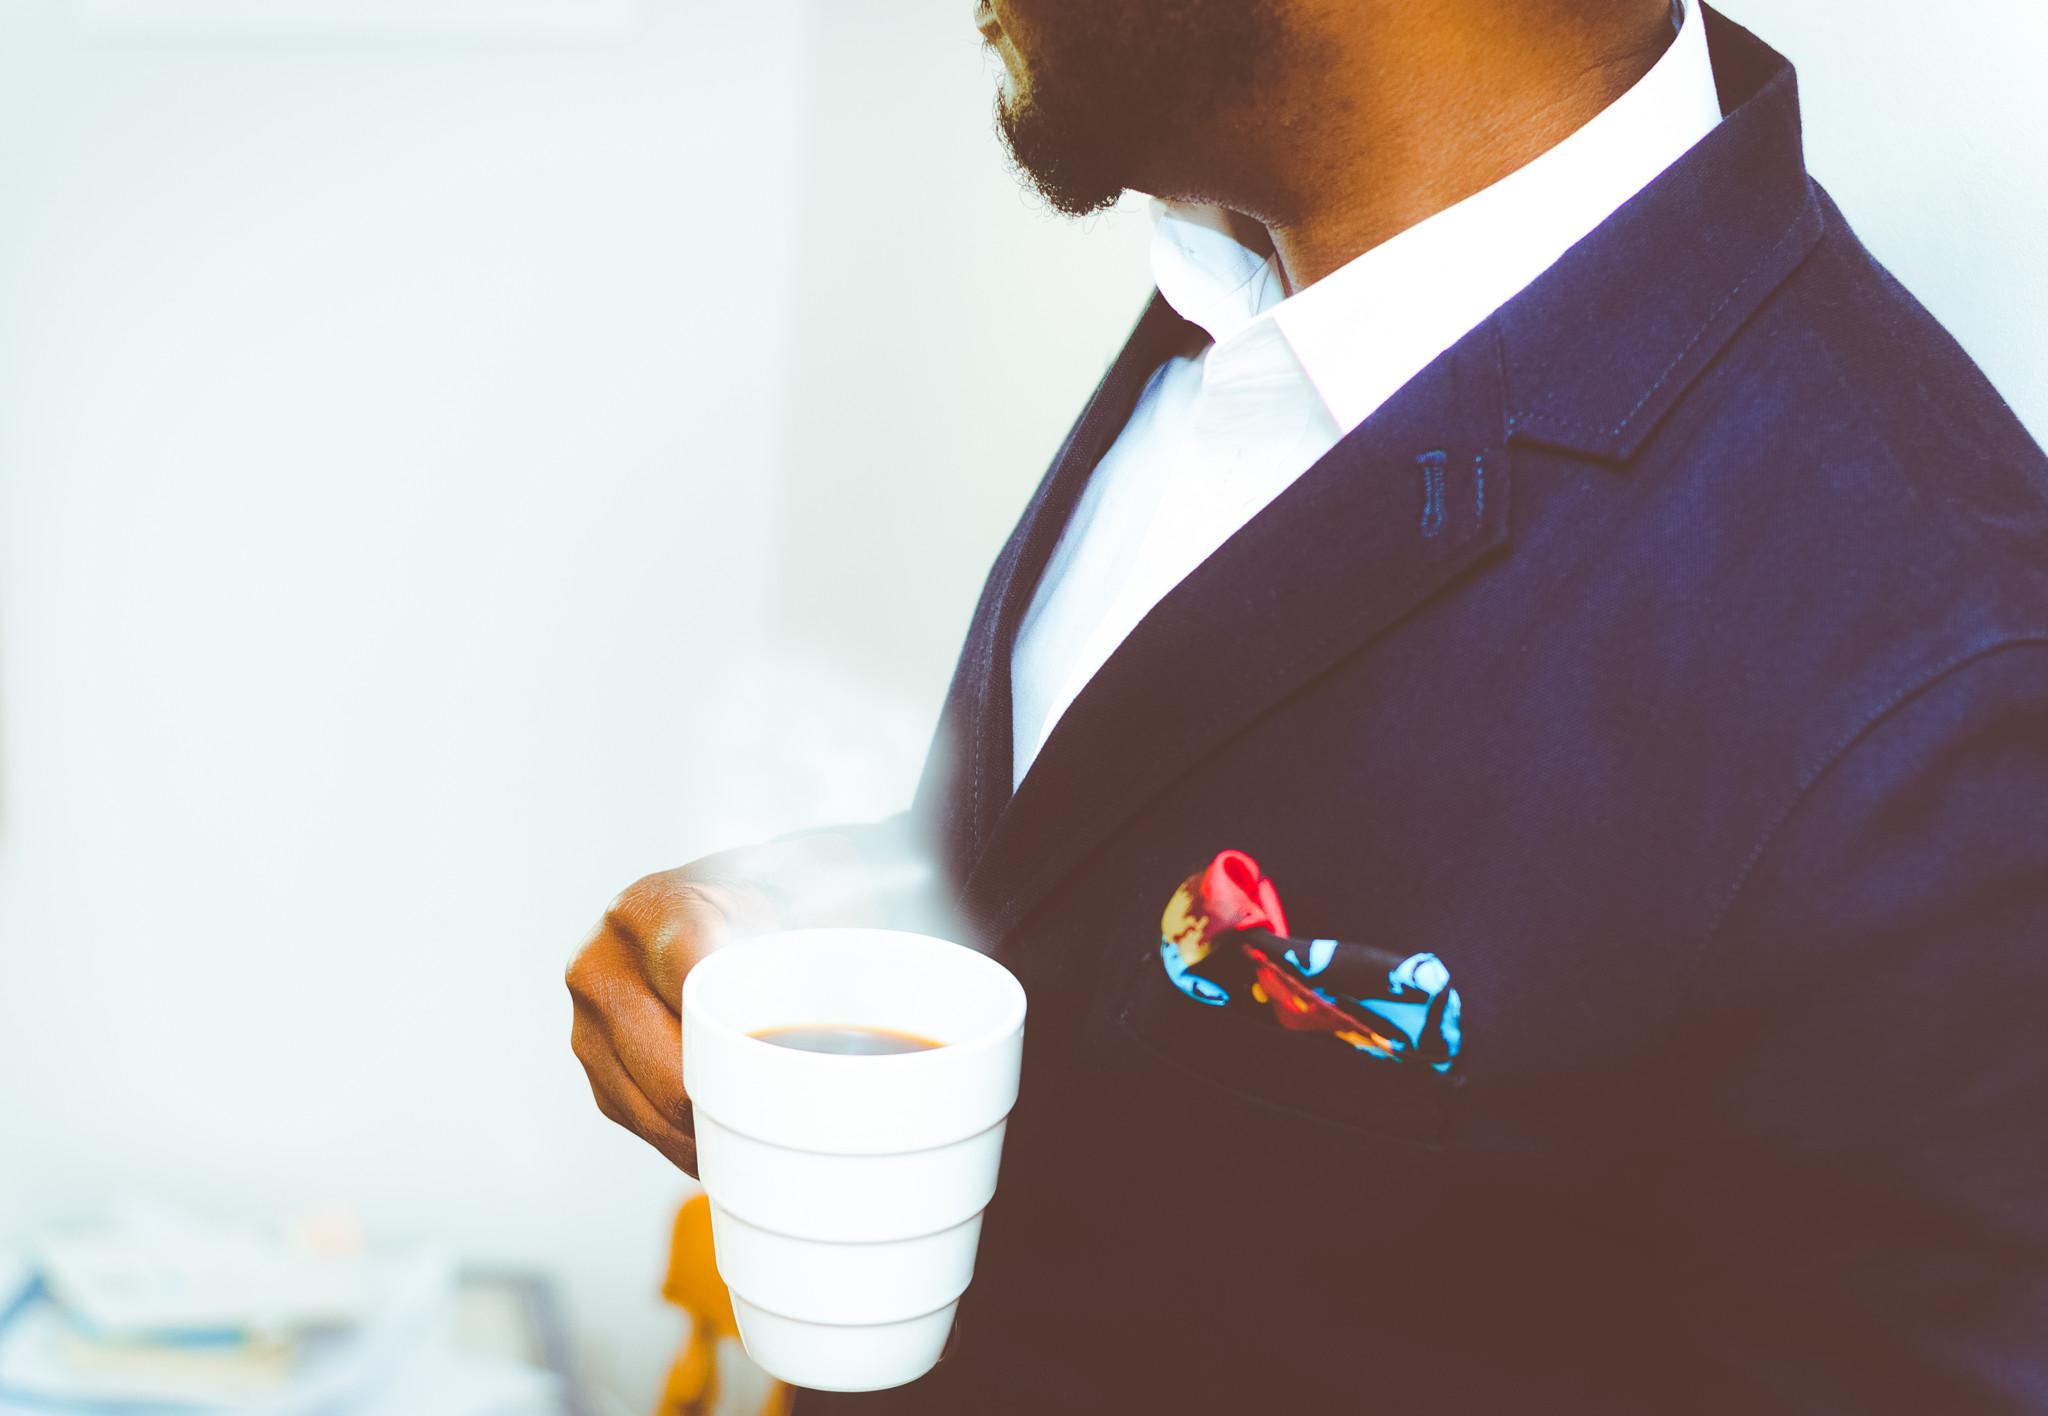 Nina Groes, direktør i KVINFO, skriver udførlig guide til mænd om tøj på arbejdspladser. »Du må ikke virke udfordrende som mand«, lyder et af rådene.